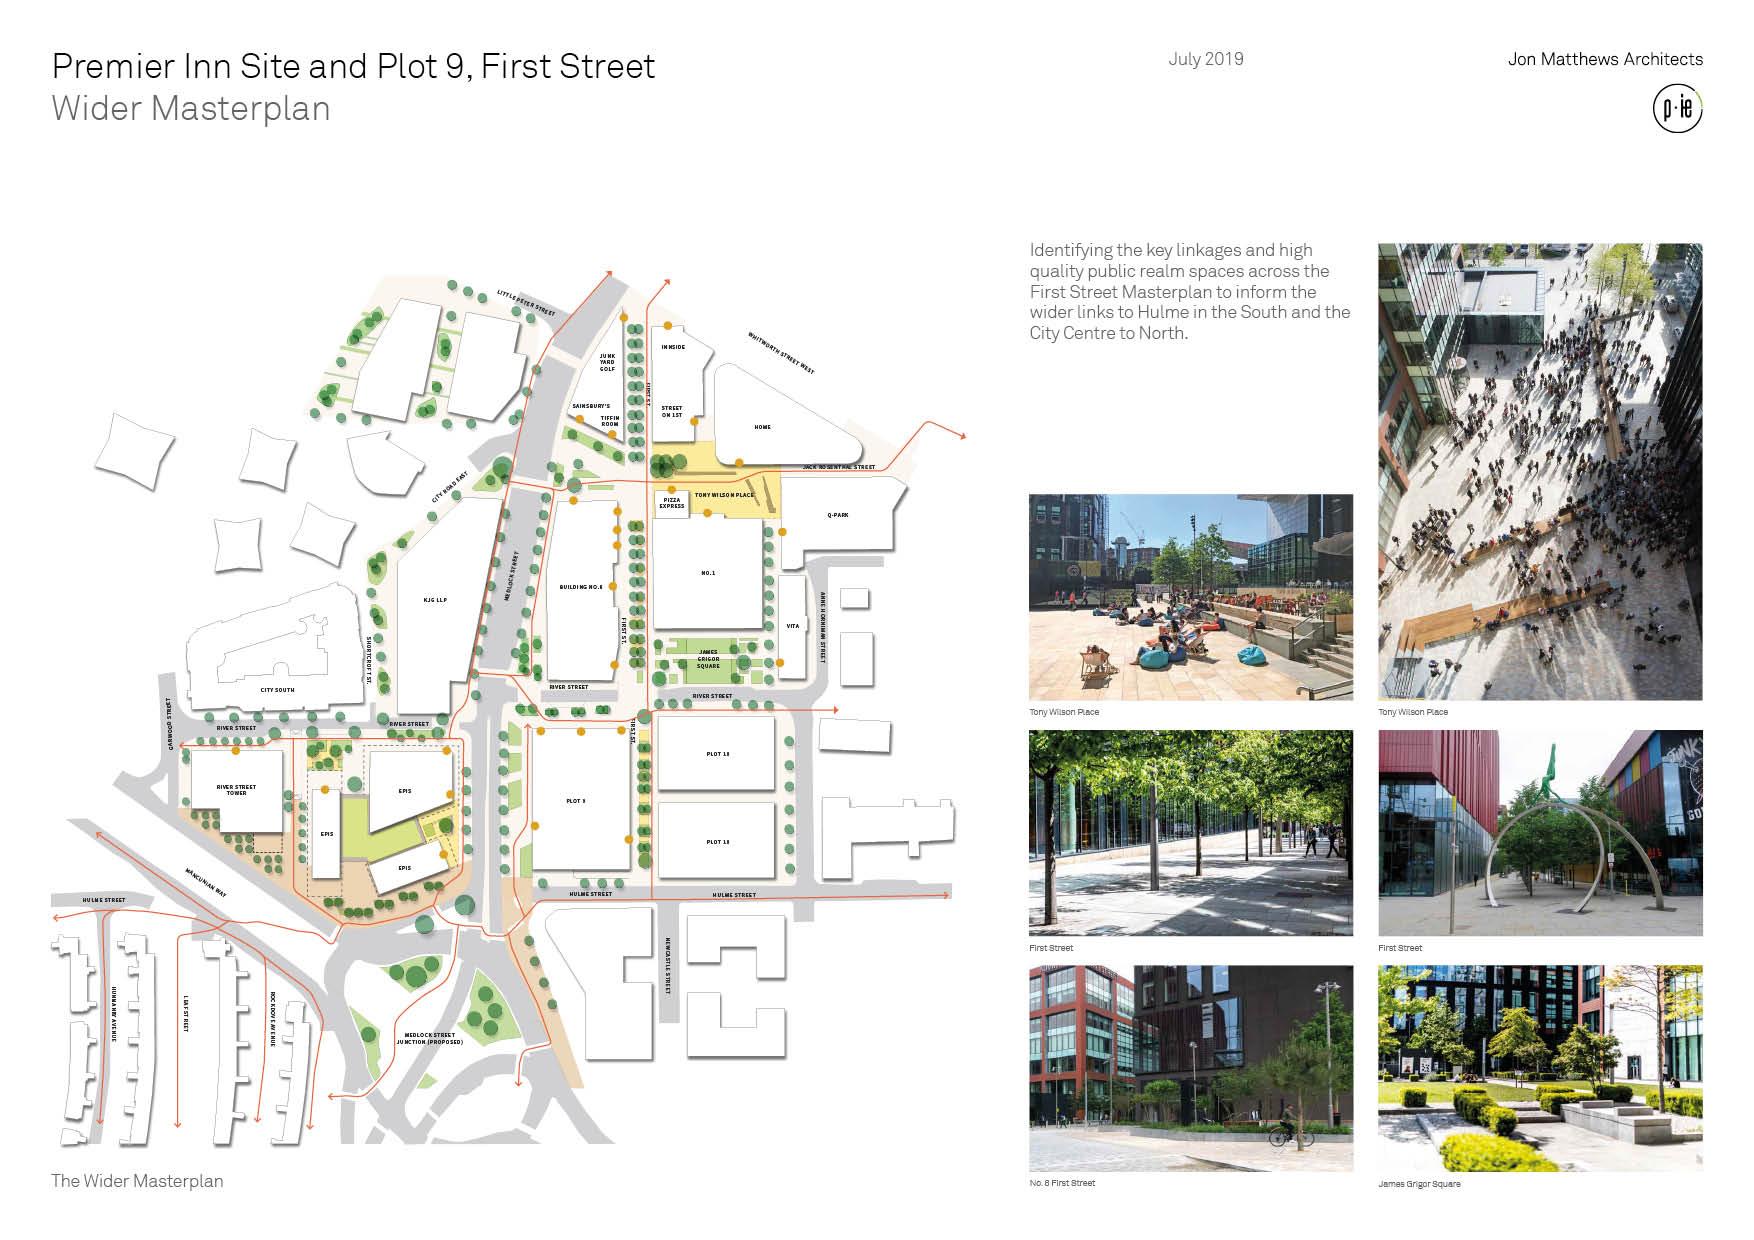 first_street_premier_inn_plot_9_3.jpg